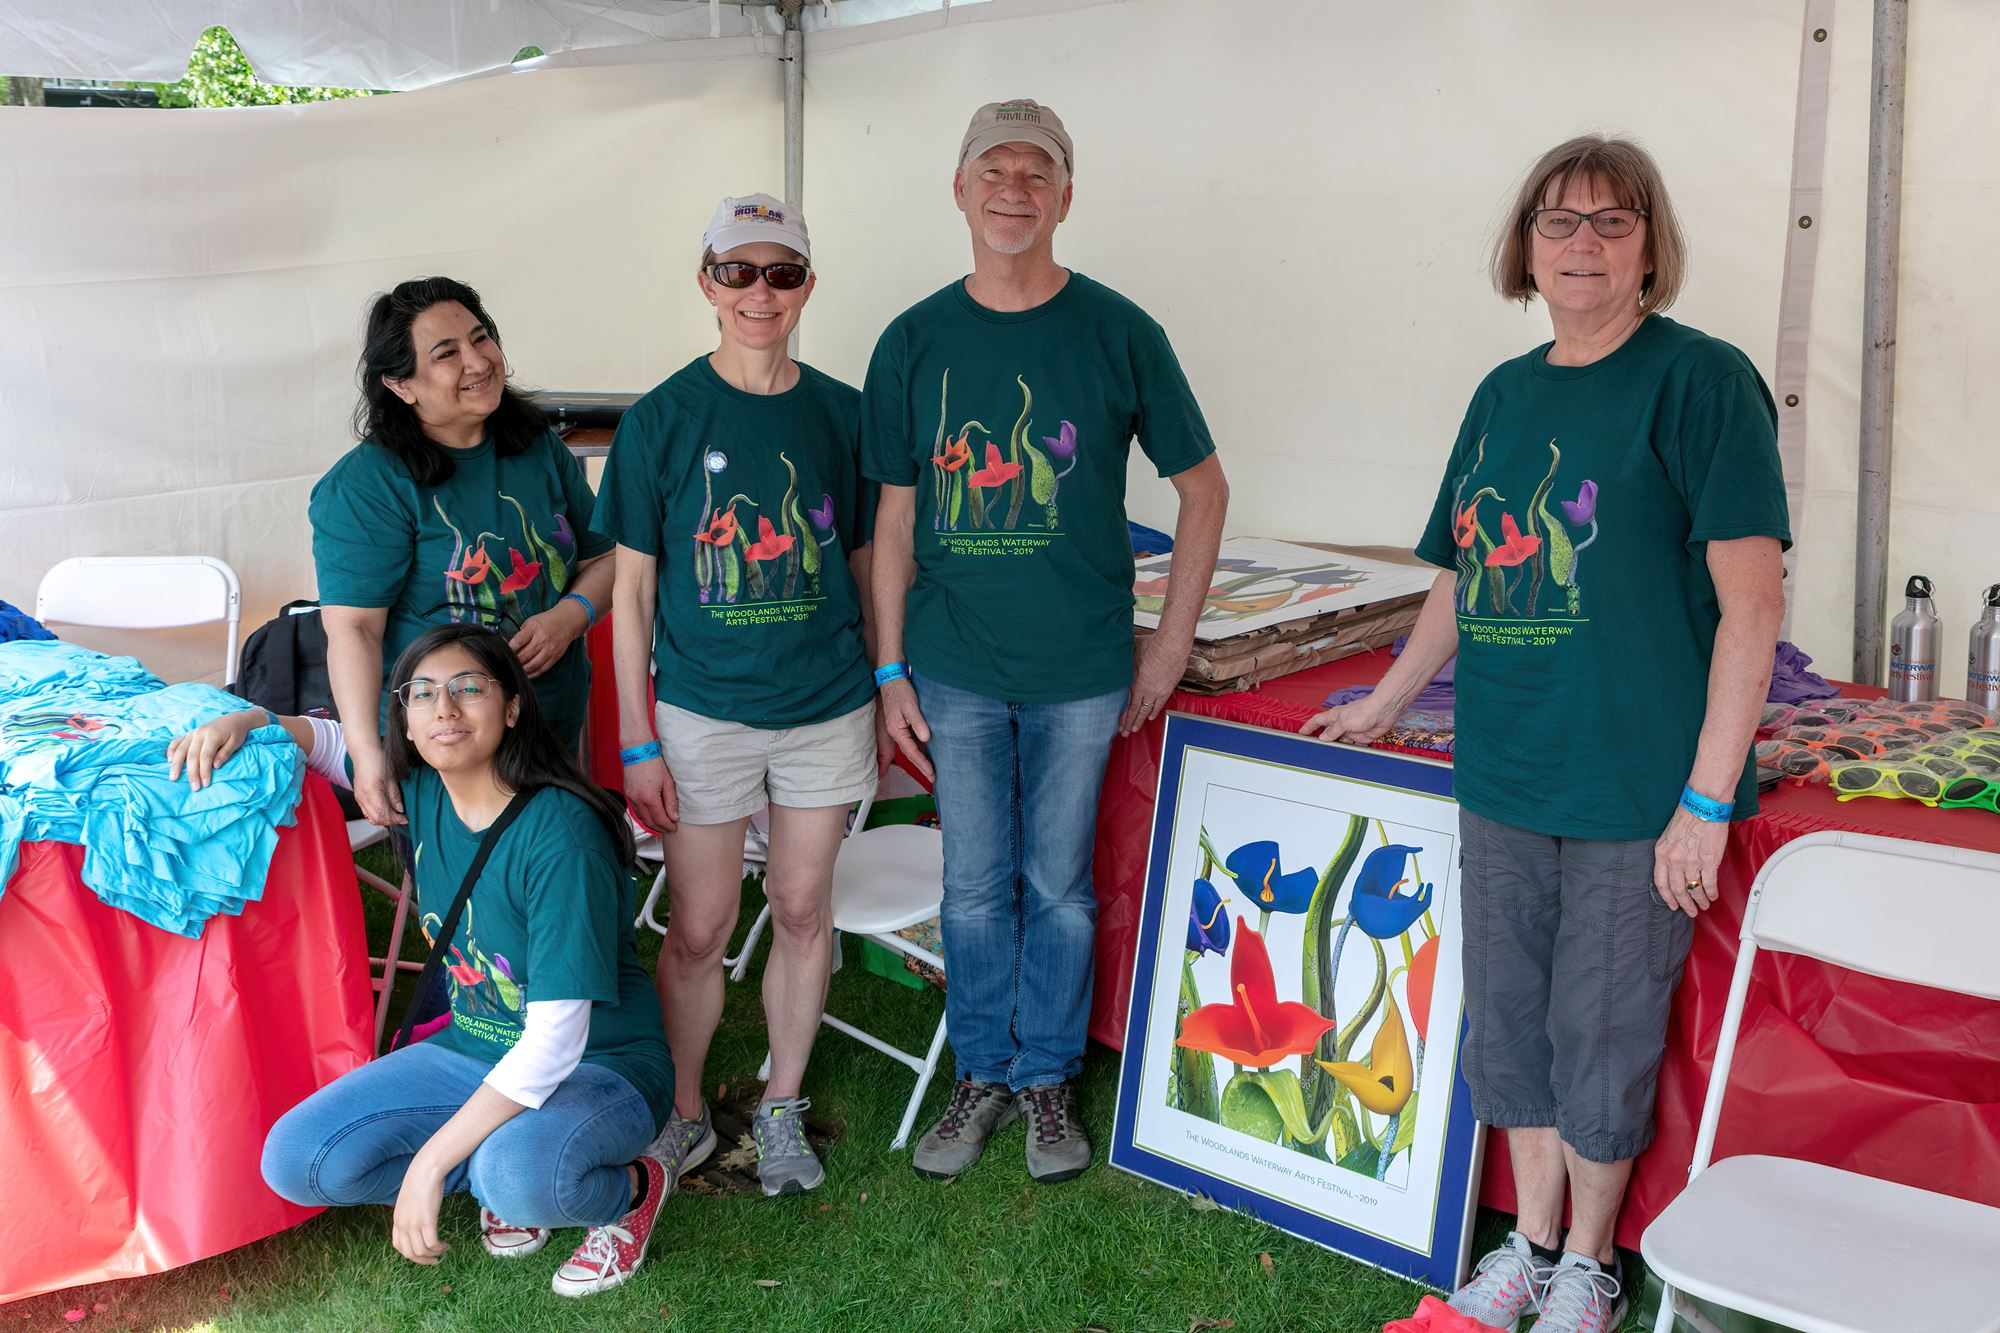 Group photo of volunteers standing in volunteer tent